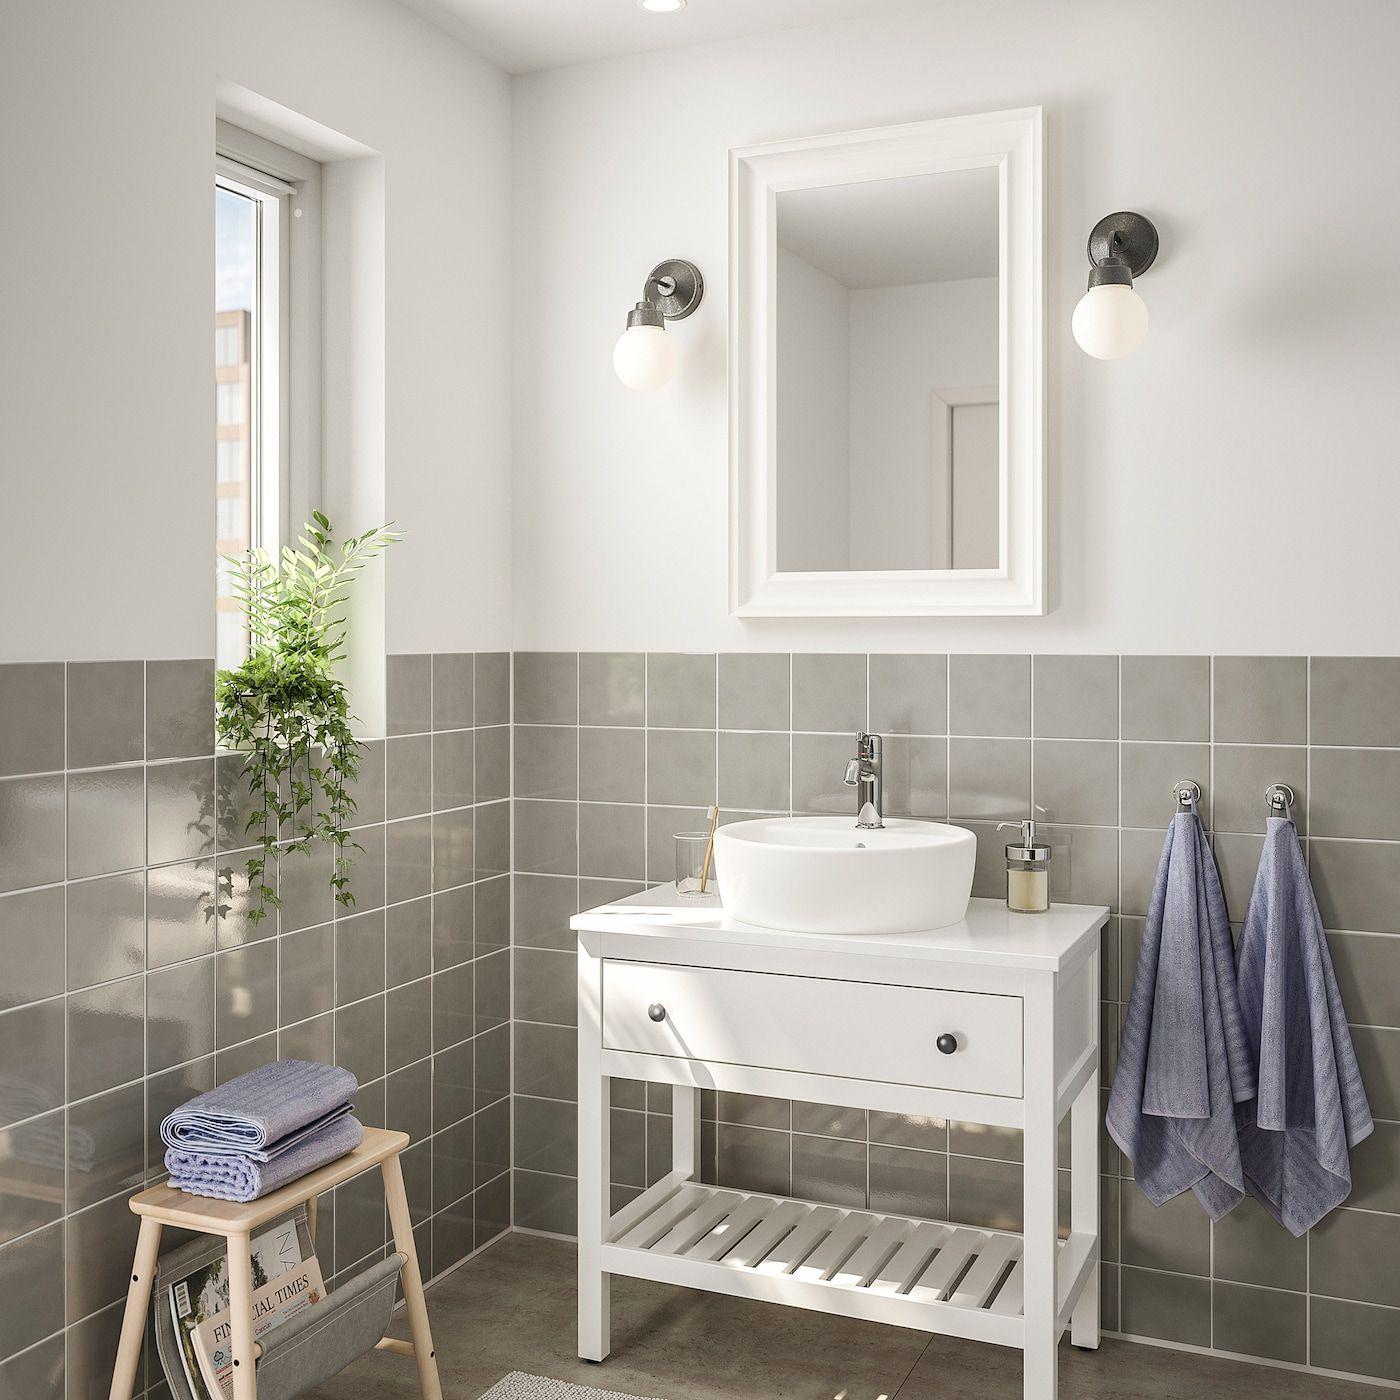 Hemnes Tornviken Badeinrichtung 4 Tlg Weiss Voxnan Mischbatterie Bad Einrichten Ikea Badezimmer Mischbatterien